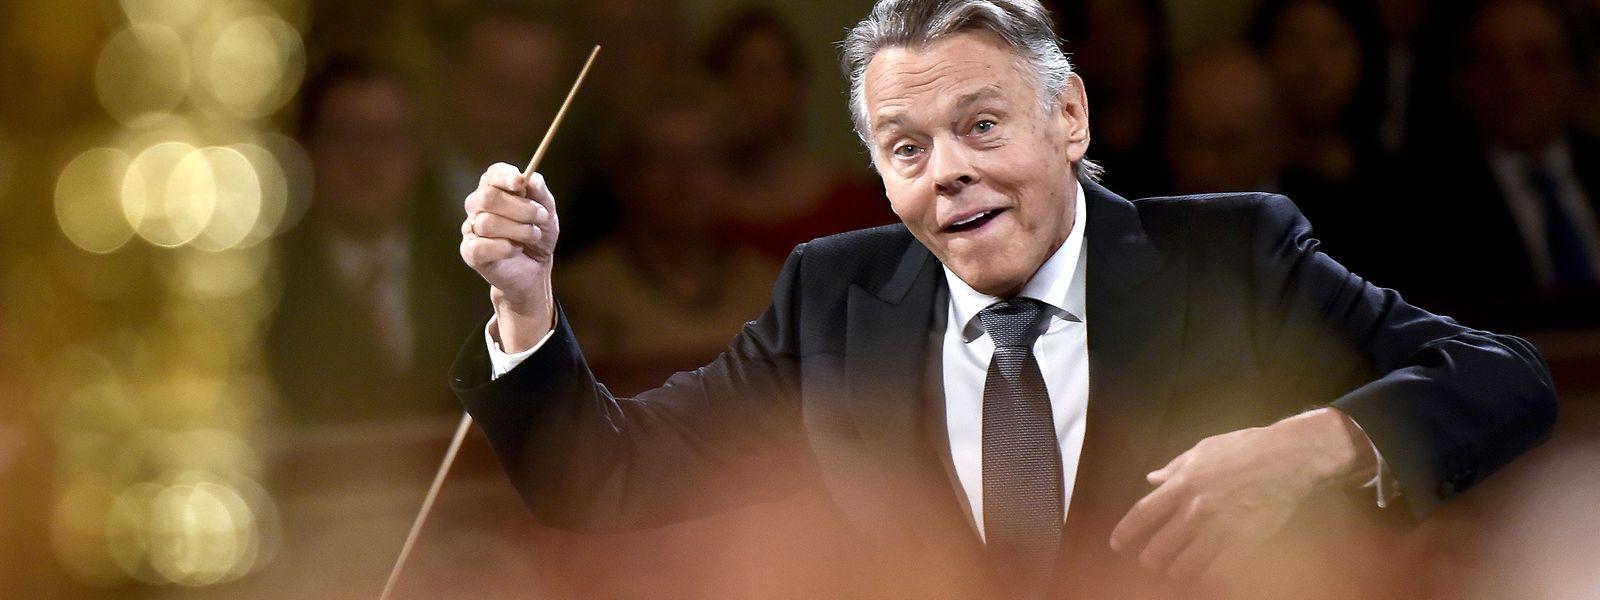 Maestro Jansons gehörte zu den ganz großen Dirigenten.